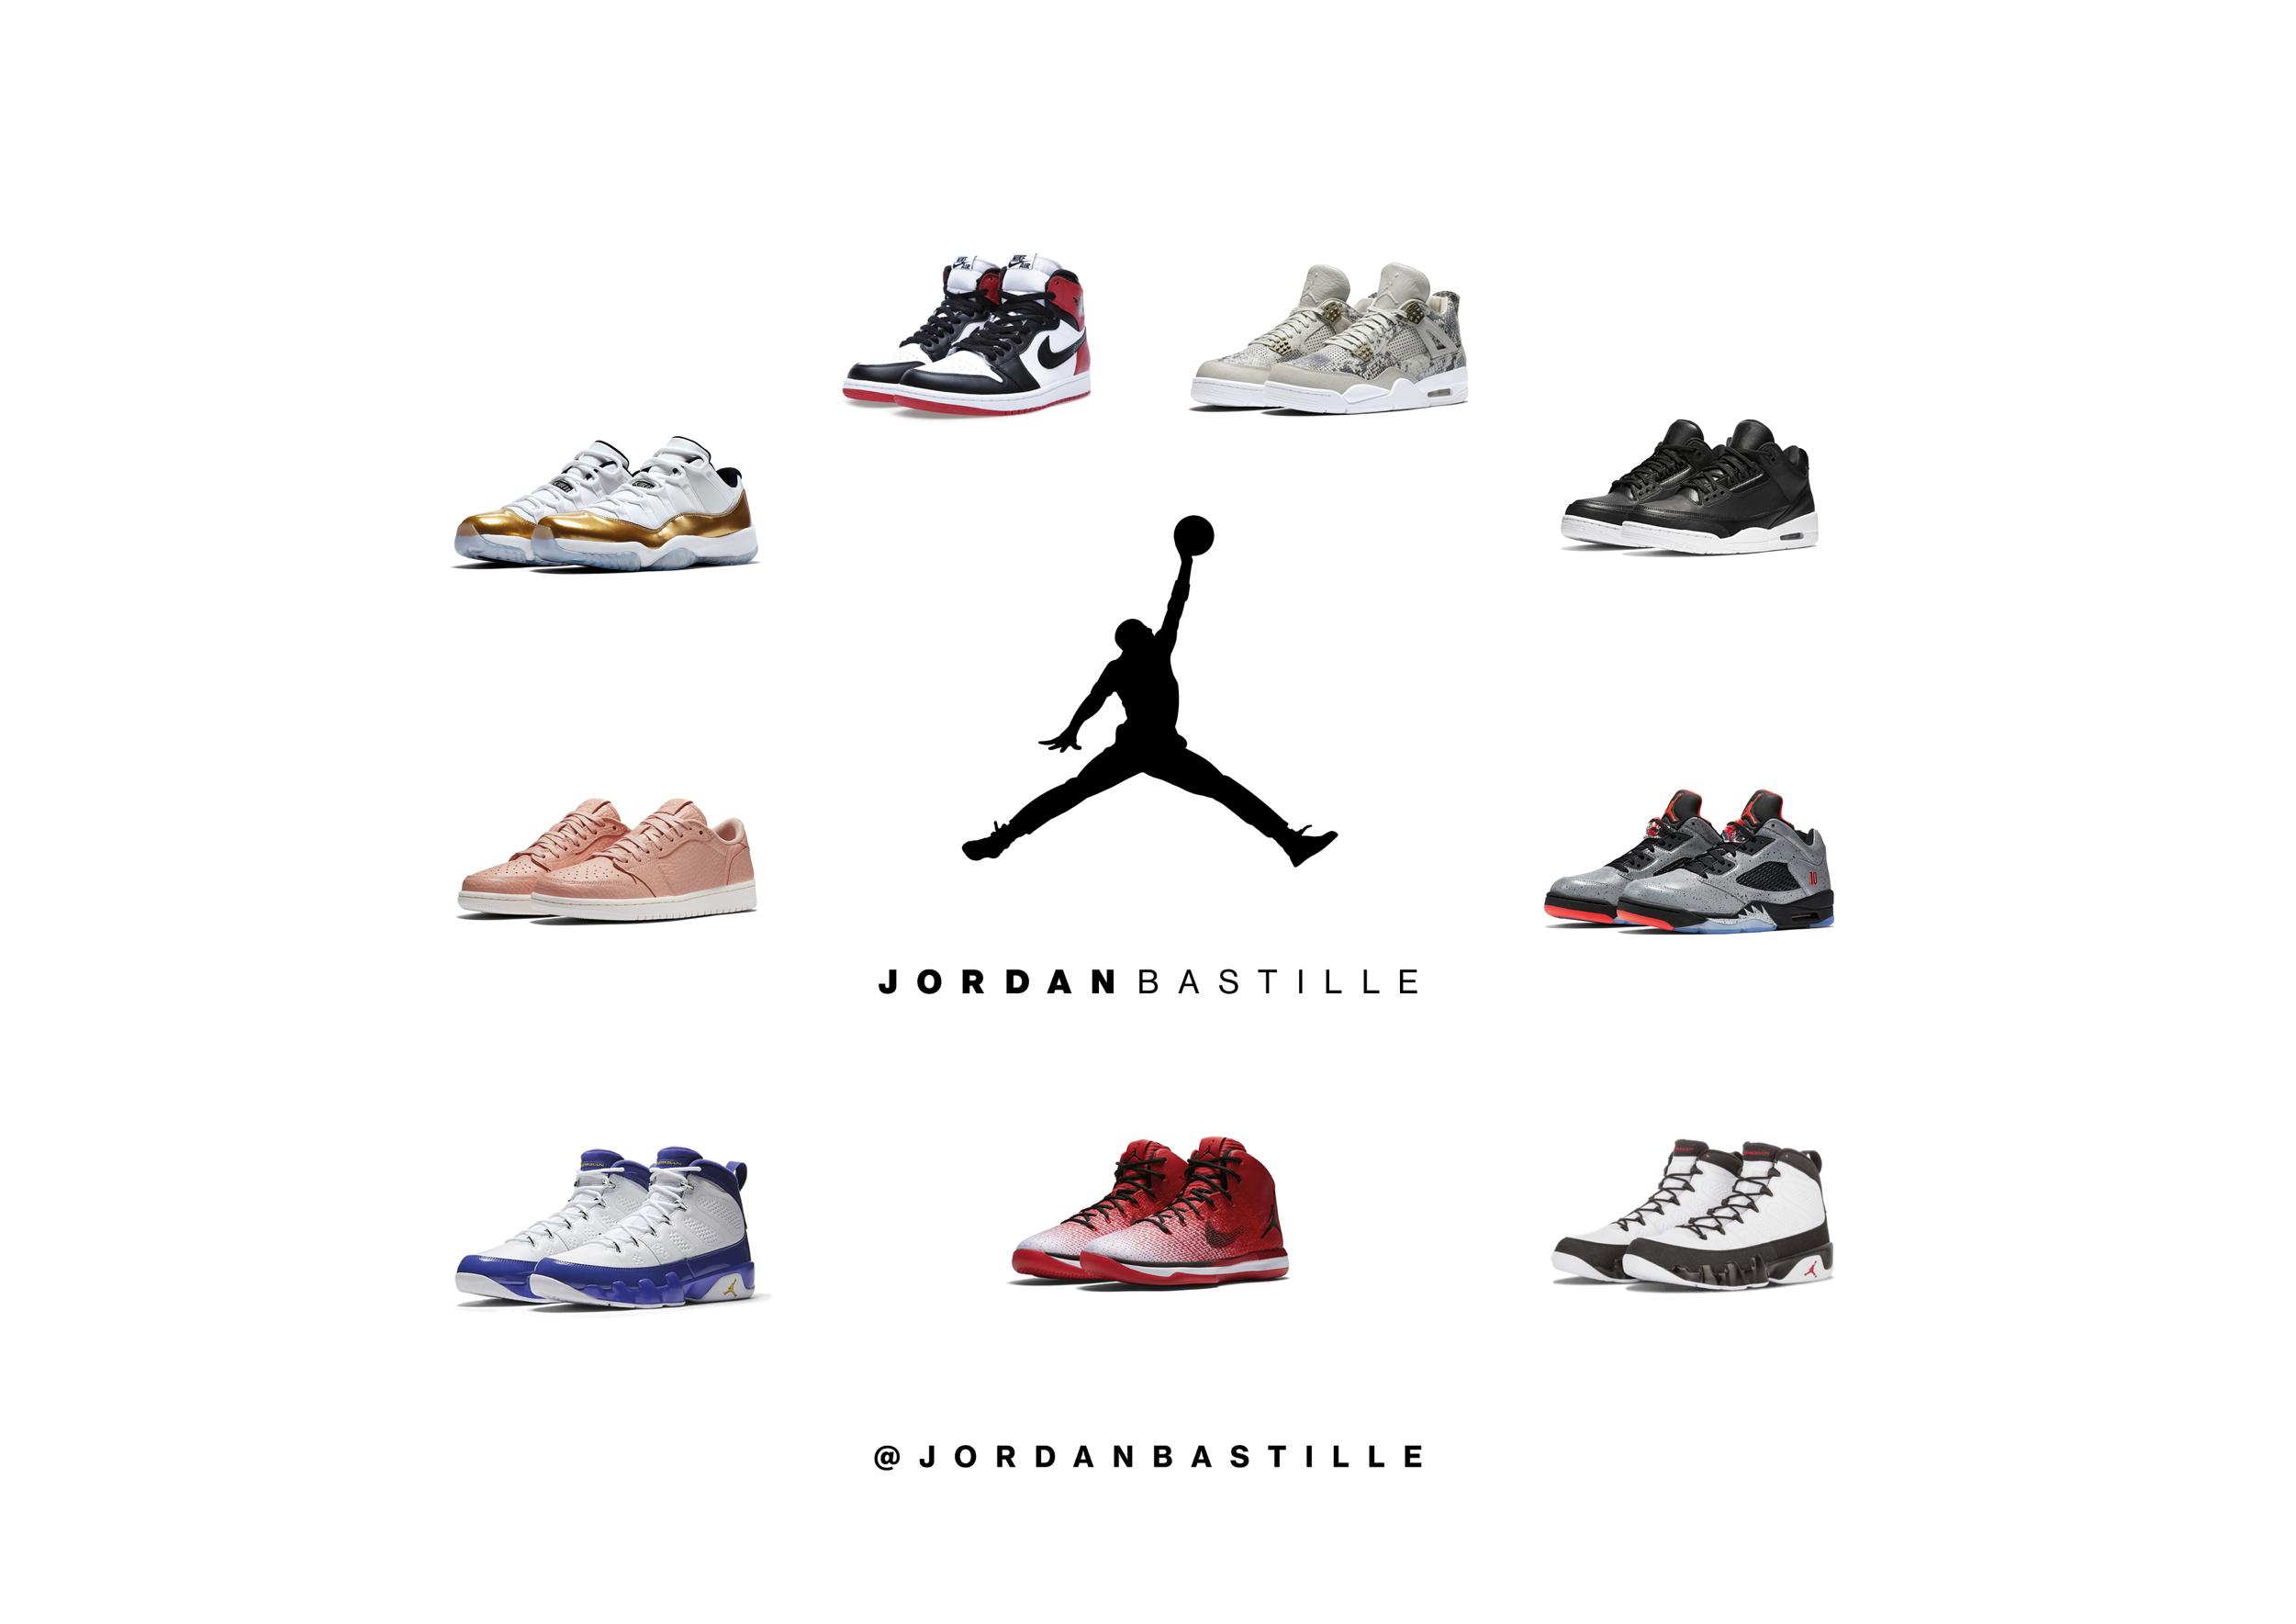 jordan-bastille-boutique-paris-sneakers